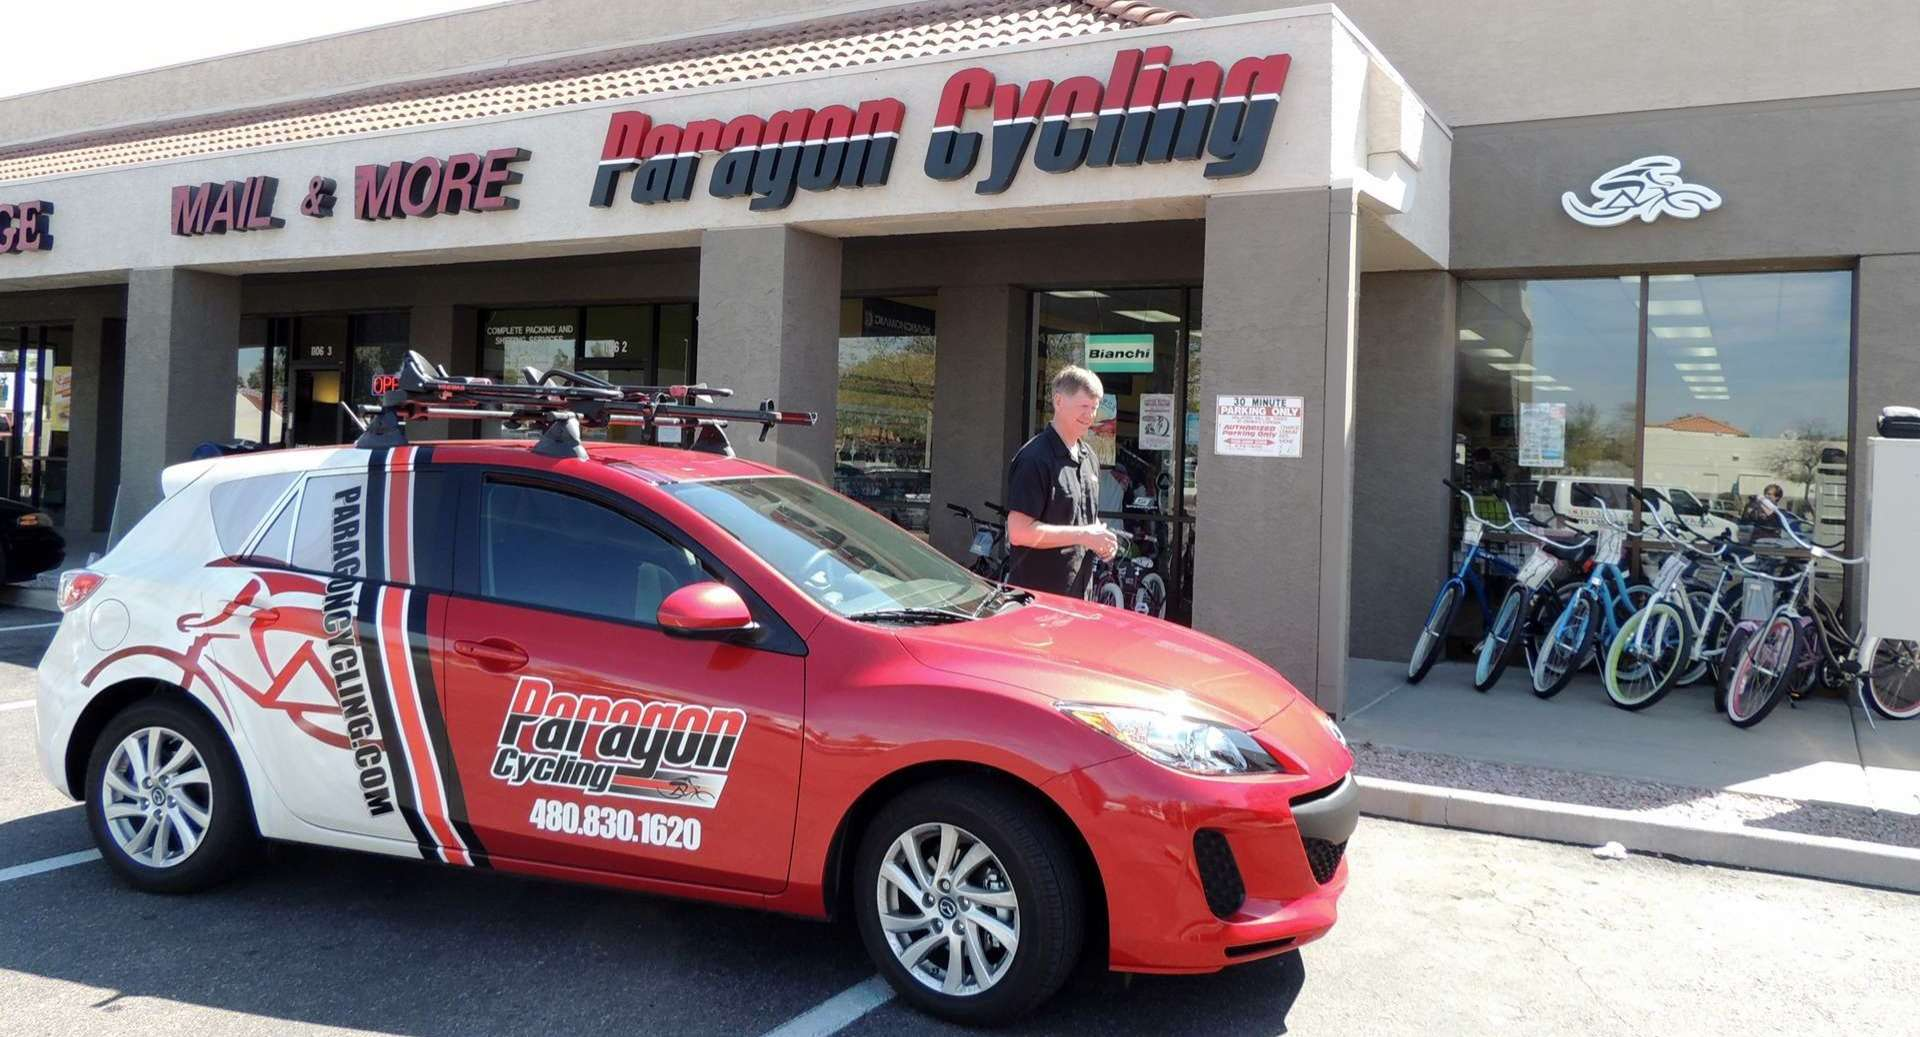 Paragon Cycling Store Front- Mesa, AZ